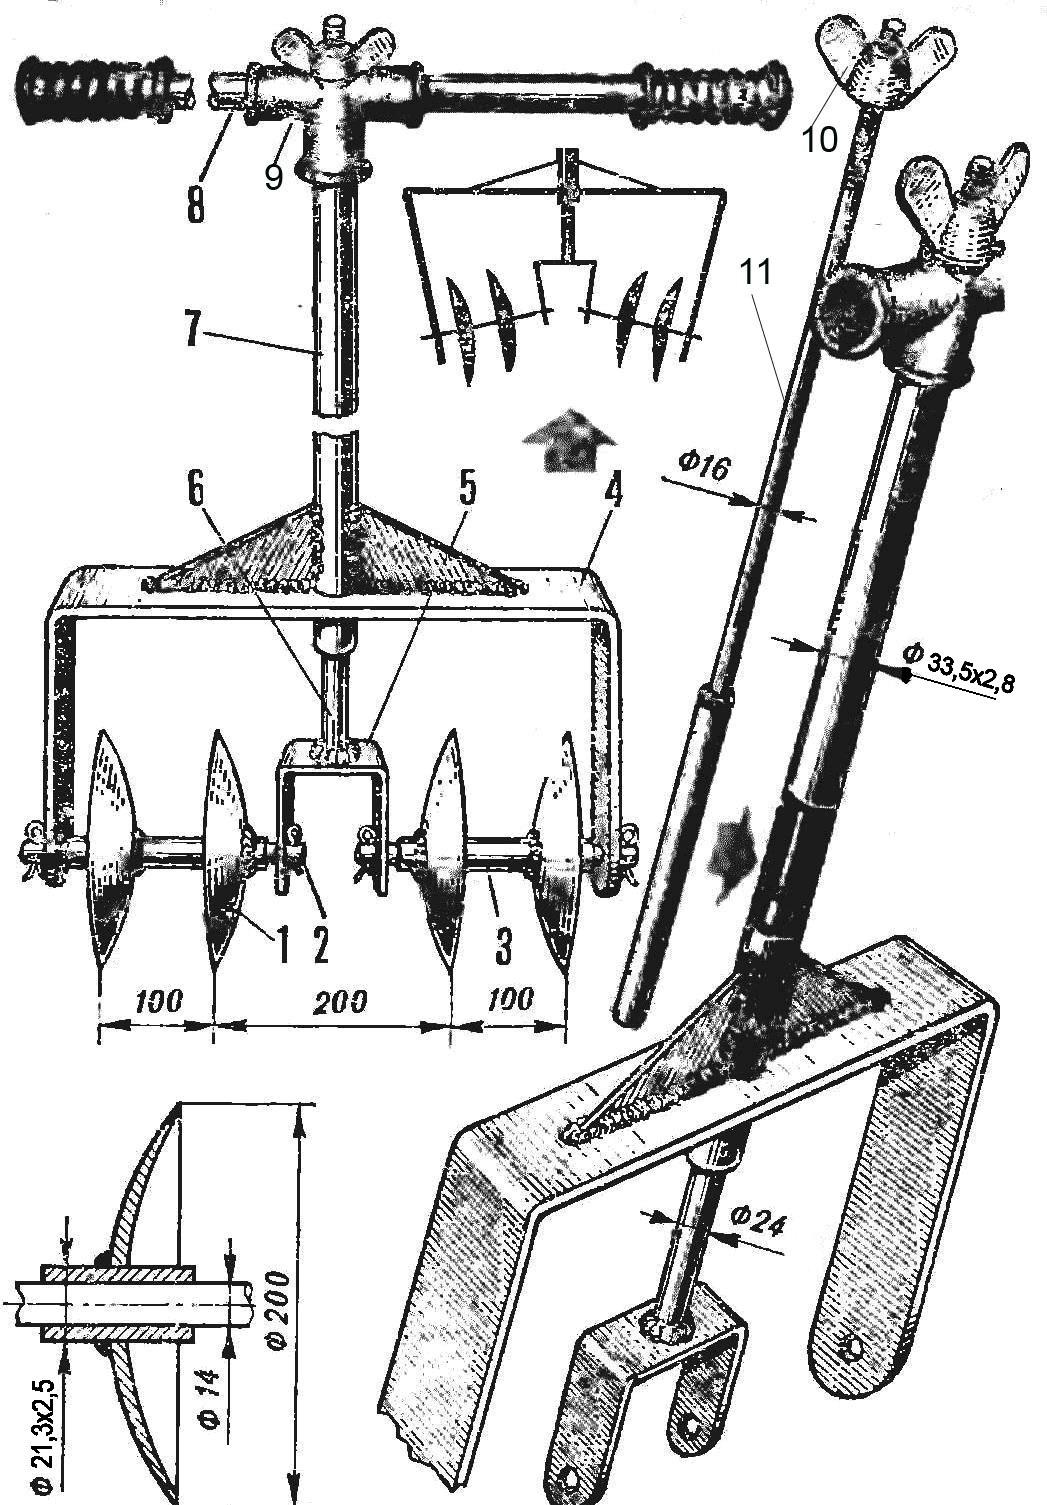 чертеж ручного кульиватора для картошки фото